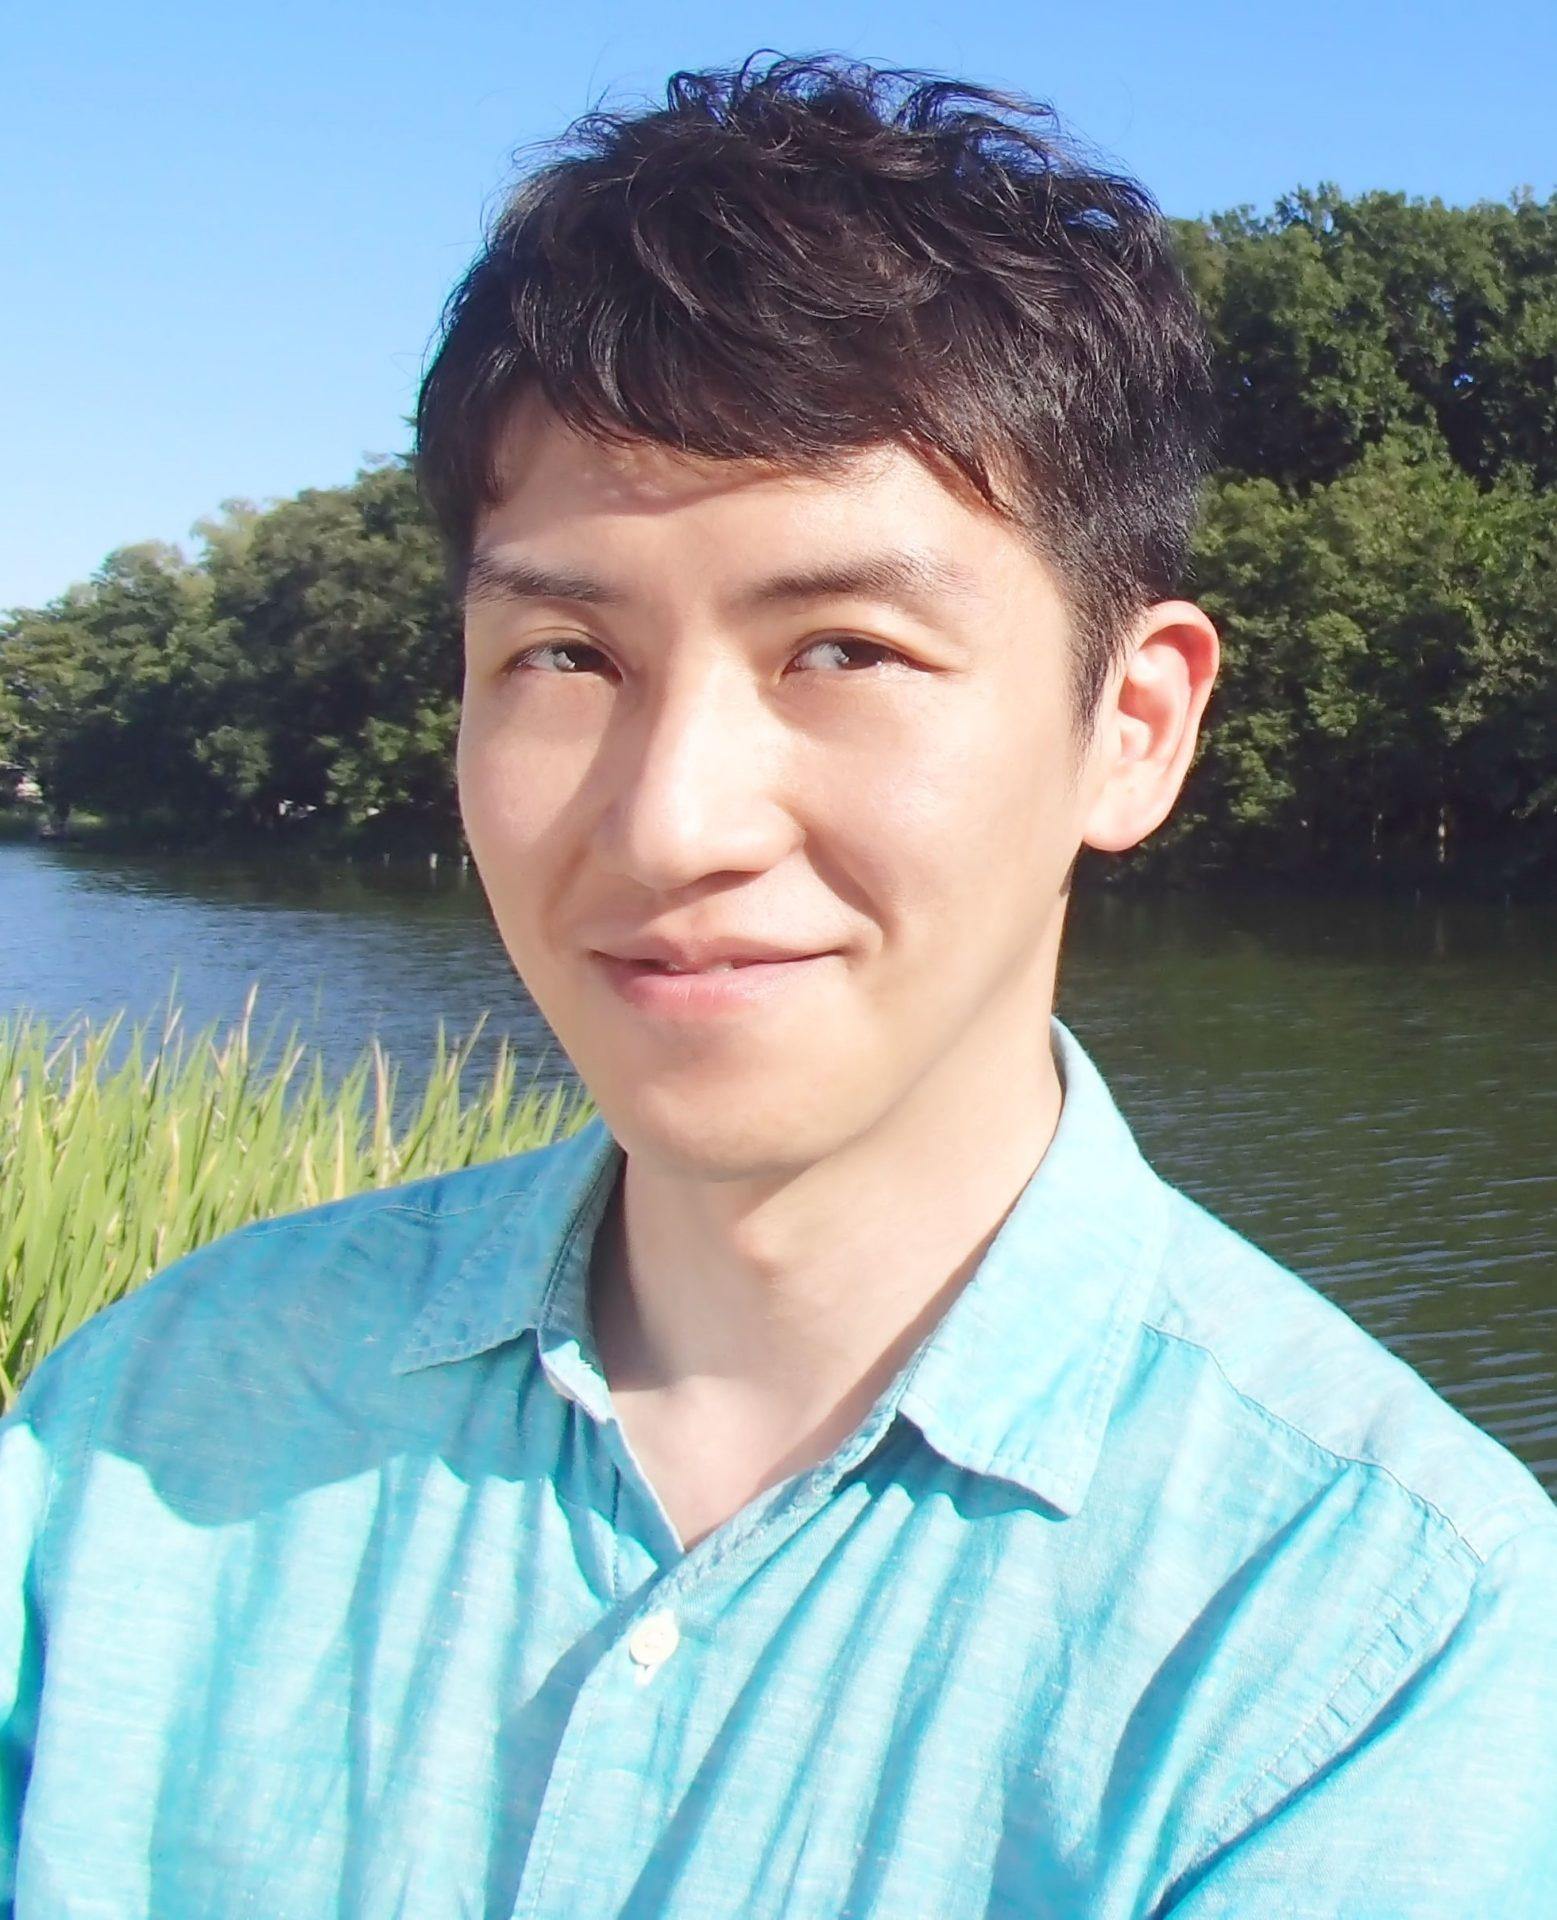 スピリチュアルカウンセラー・チャネラーのTomokatsu